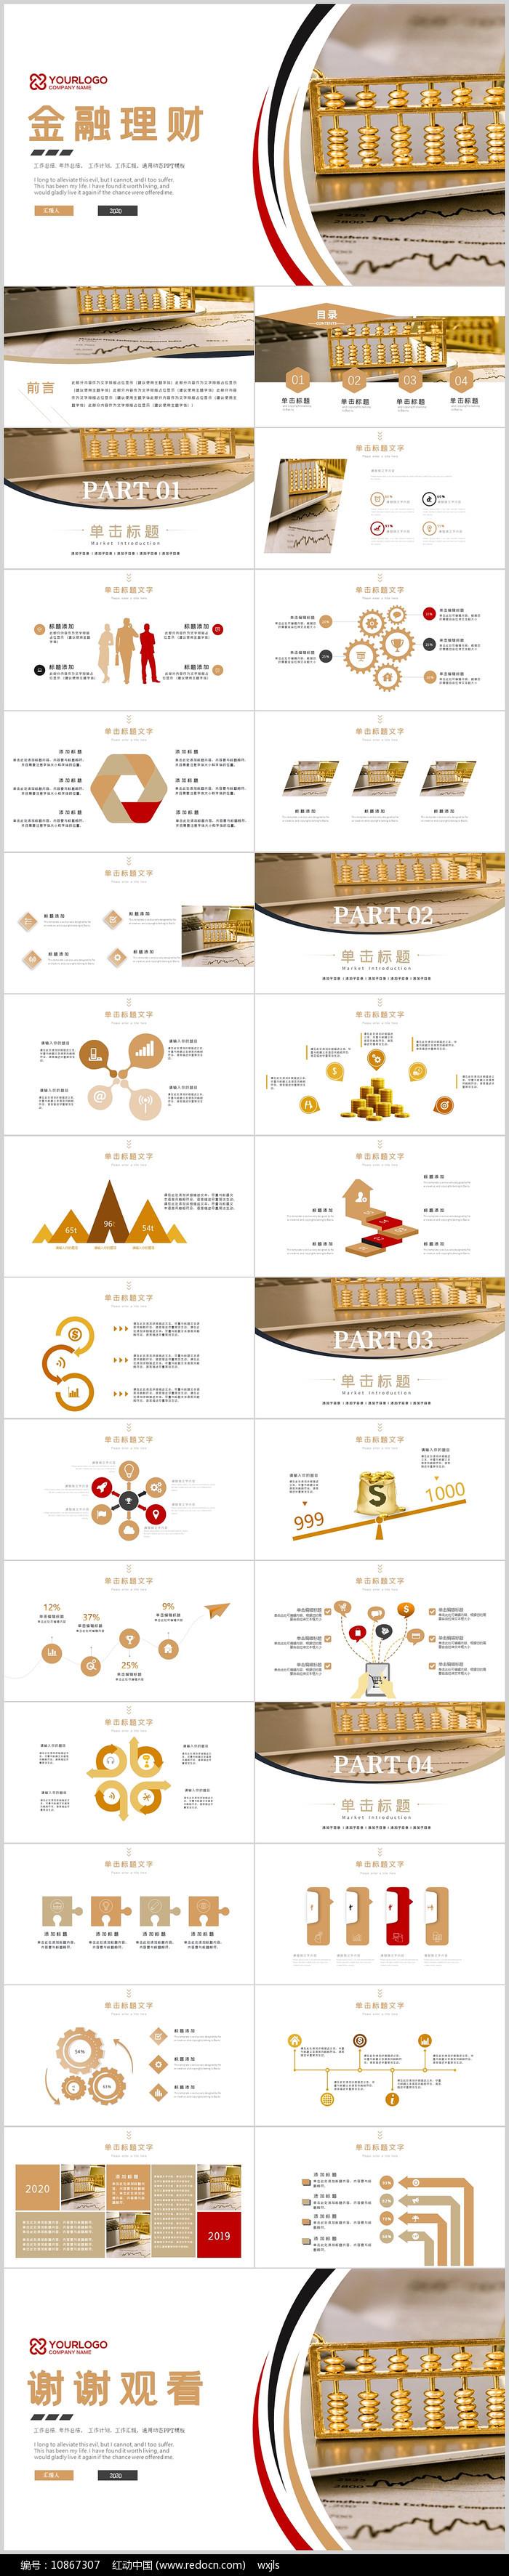 金融理财银行理财投资风险评估保险ppt图片